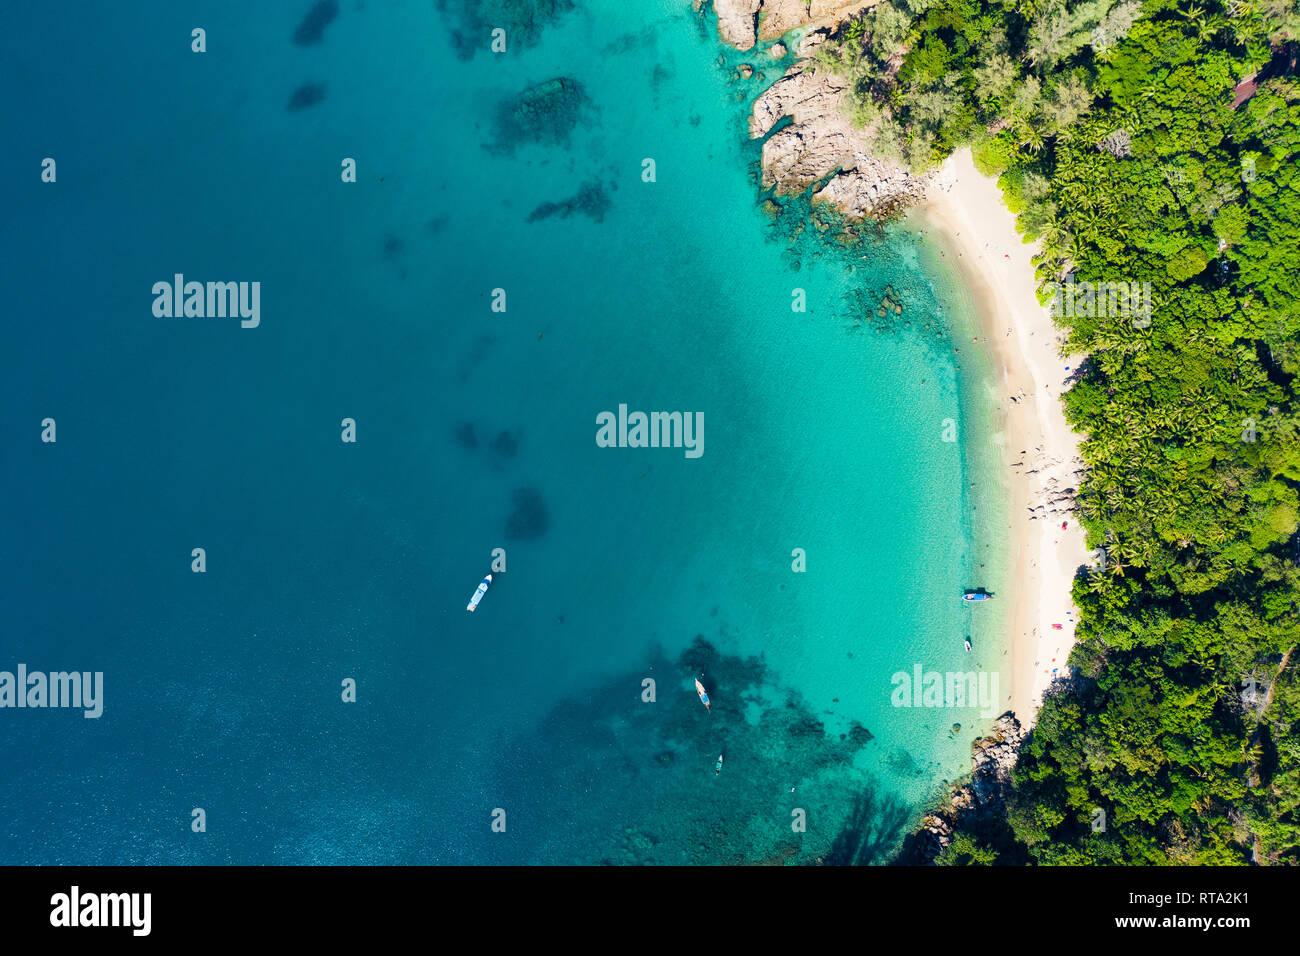 Ansicht von oben, aus der Vogelperspektive einen wunderschönen tropischen Strand mit weißem Sand und türkisfarbenem Wasser, Banana Beach, Phuket, Thailand. Stockfoto